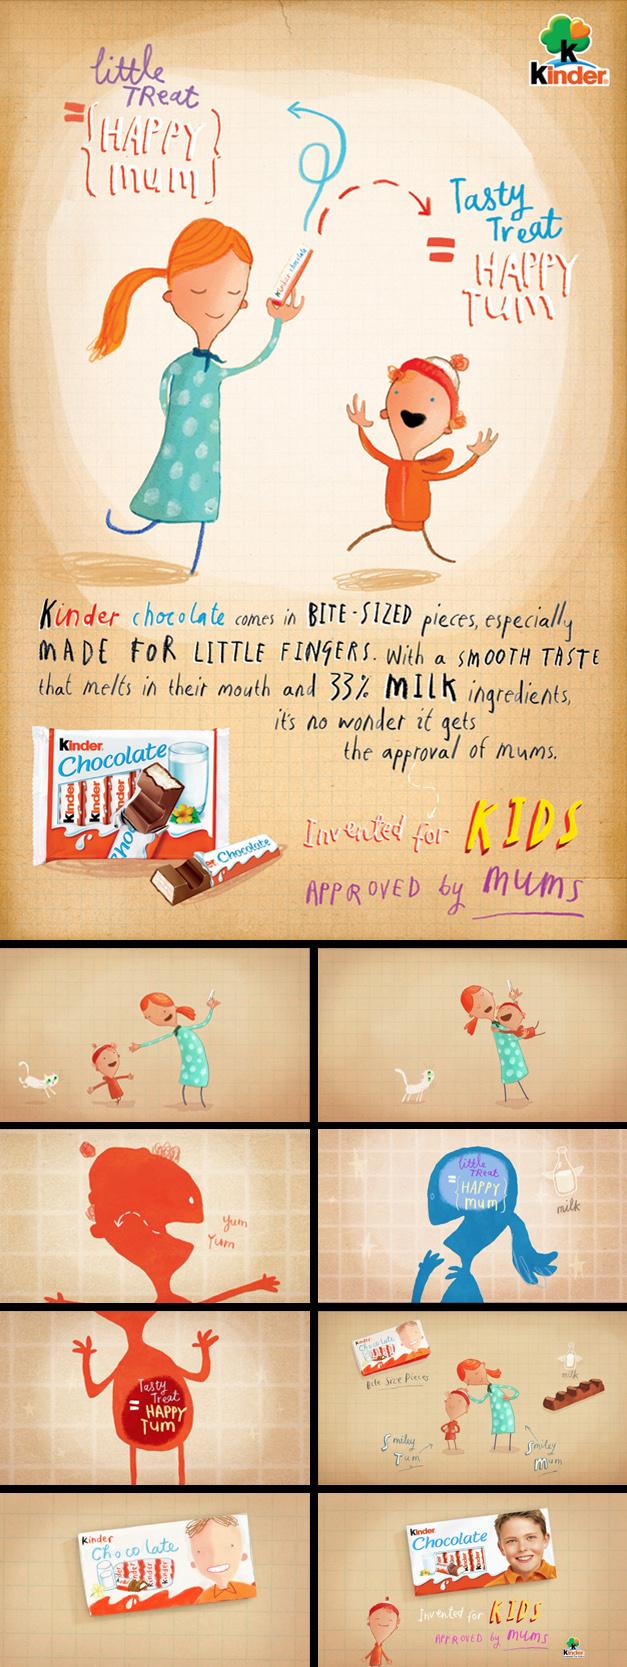 Oliver Jeffers / Kinder Chocolate